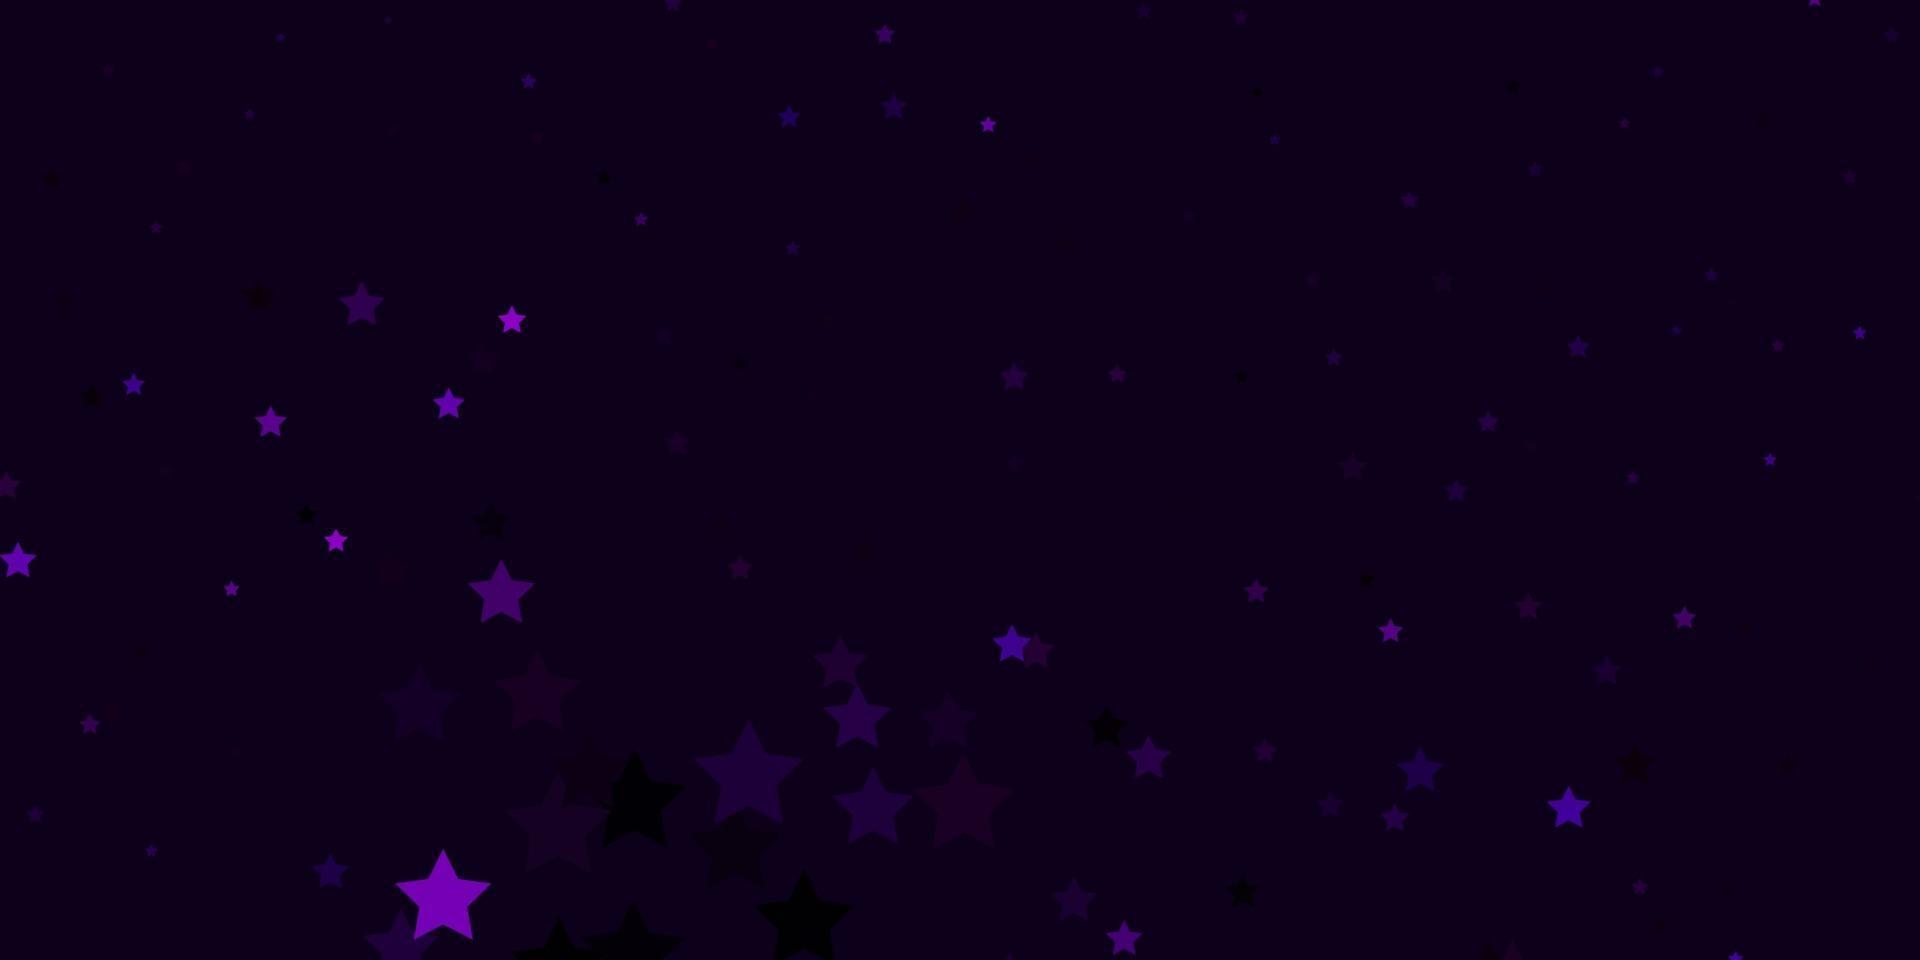 sfondo vettoriale rosa scuro con stelle colorate.